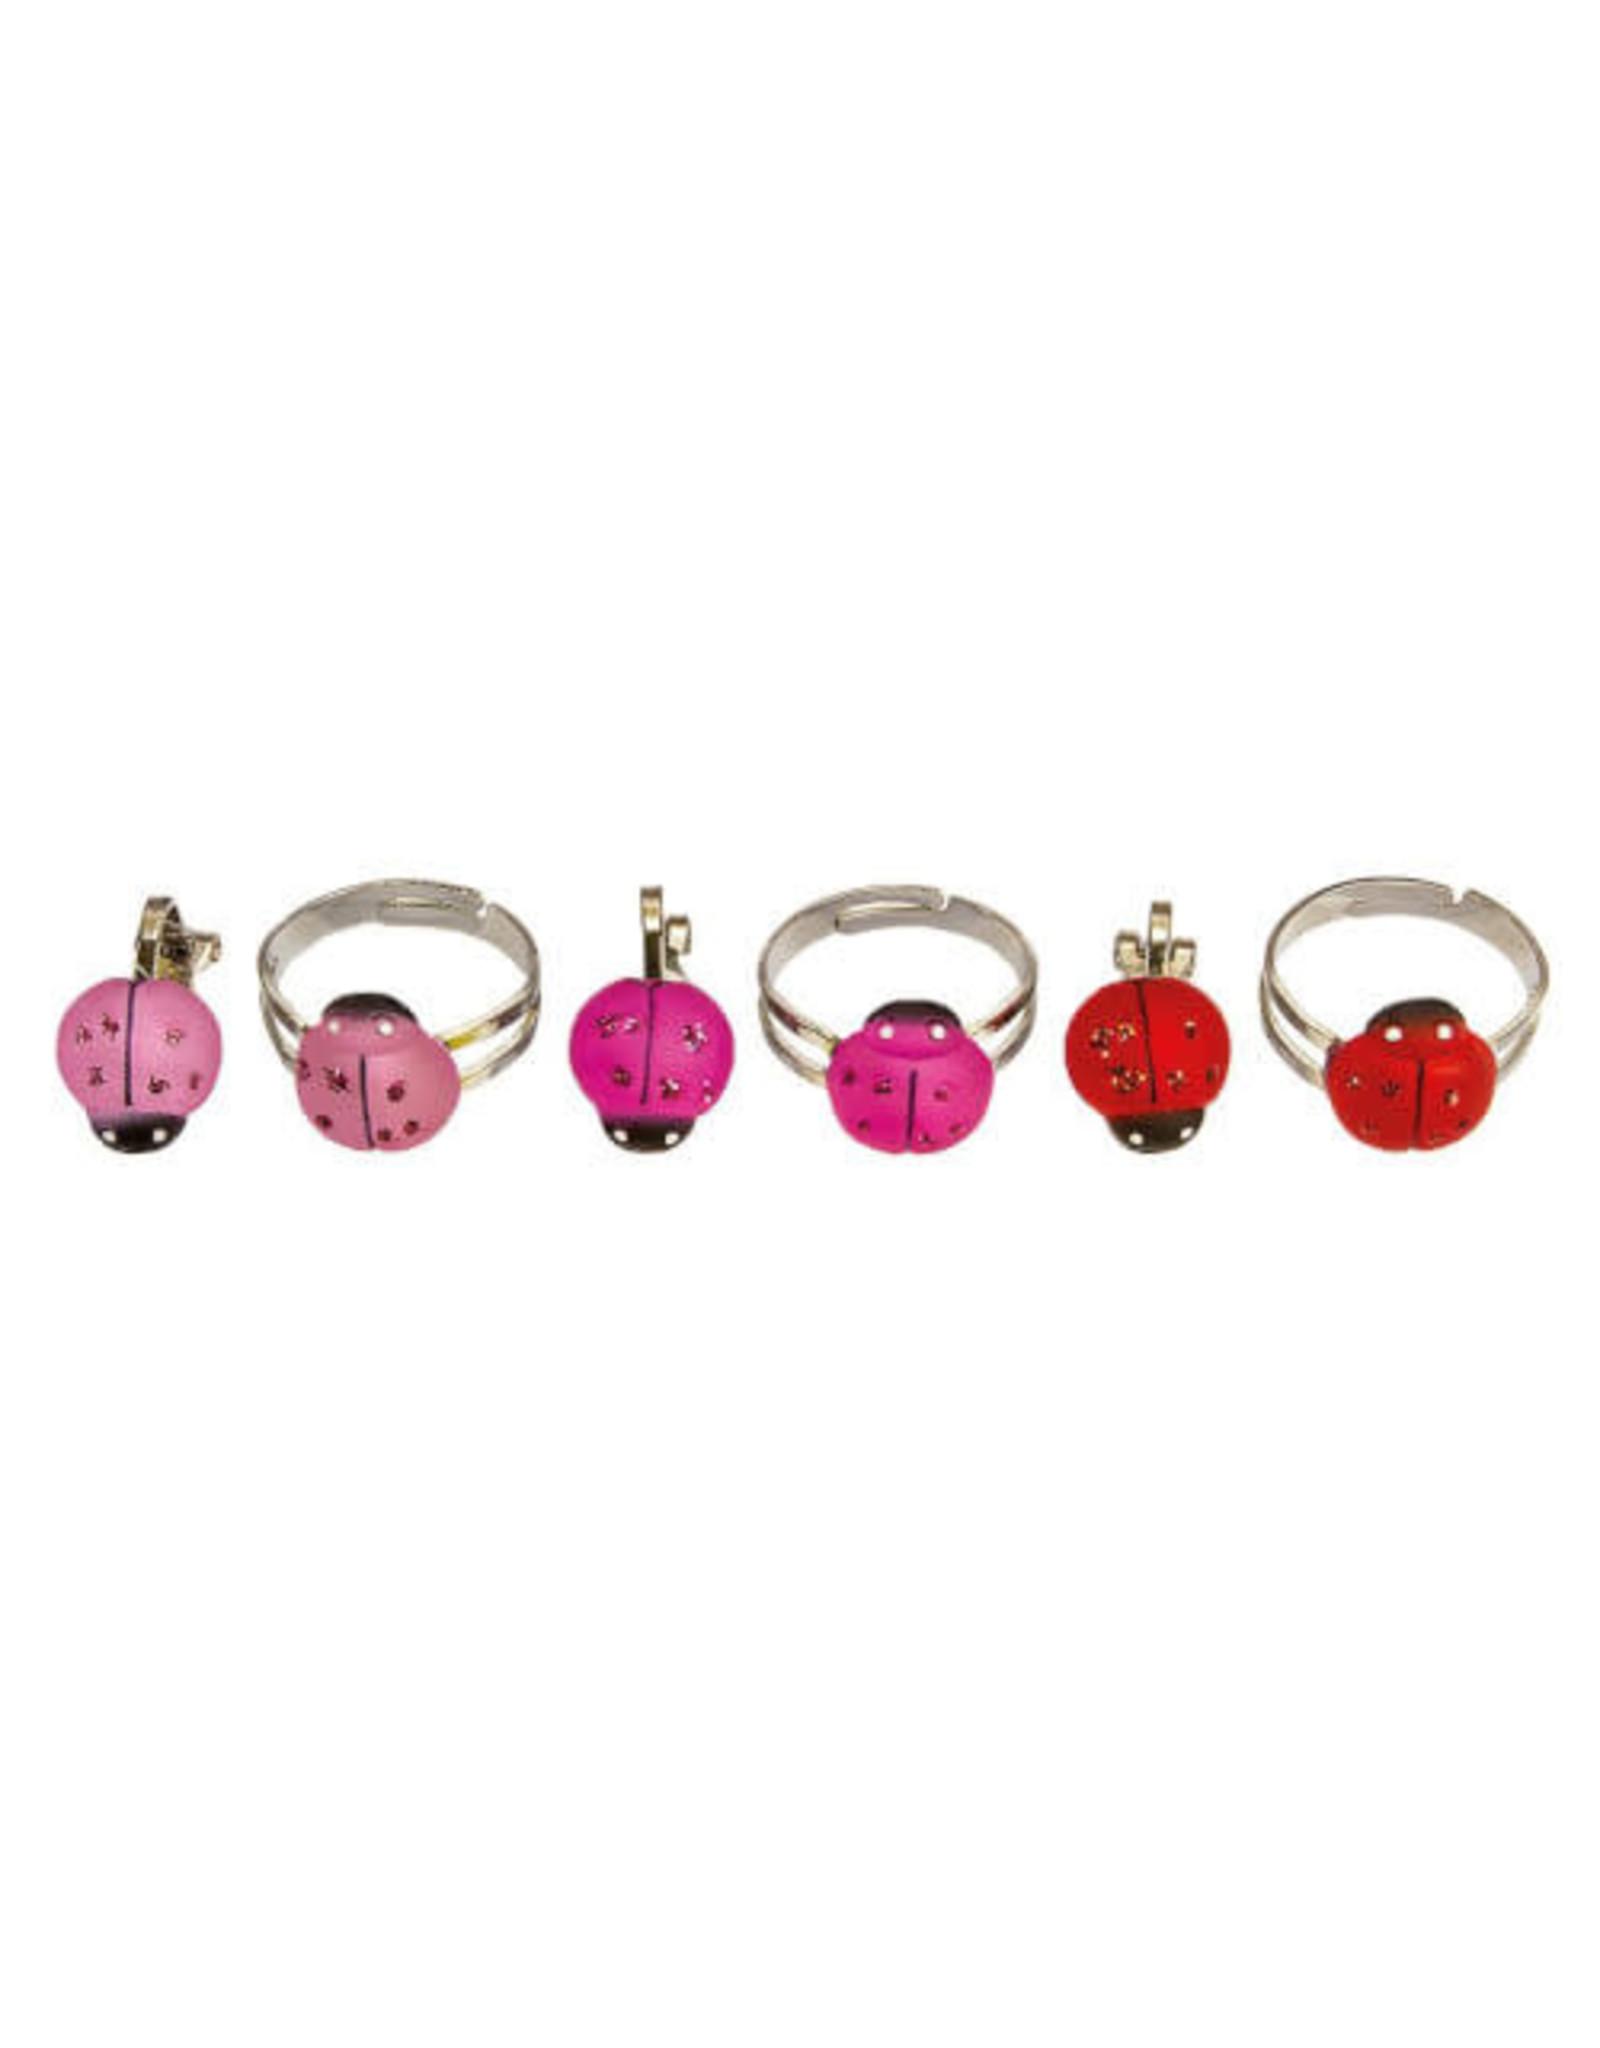 BB BB ring+oorbellen lieveheersbeestje